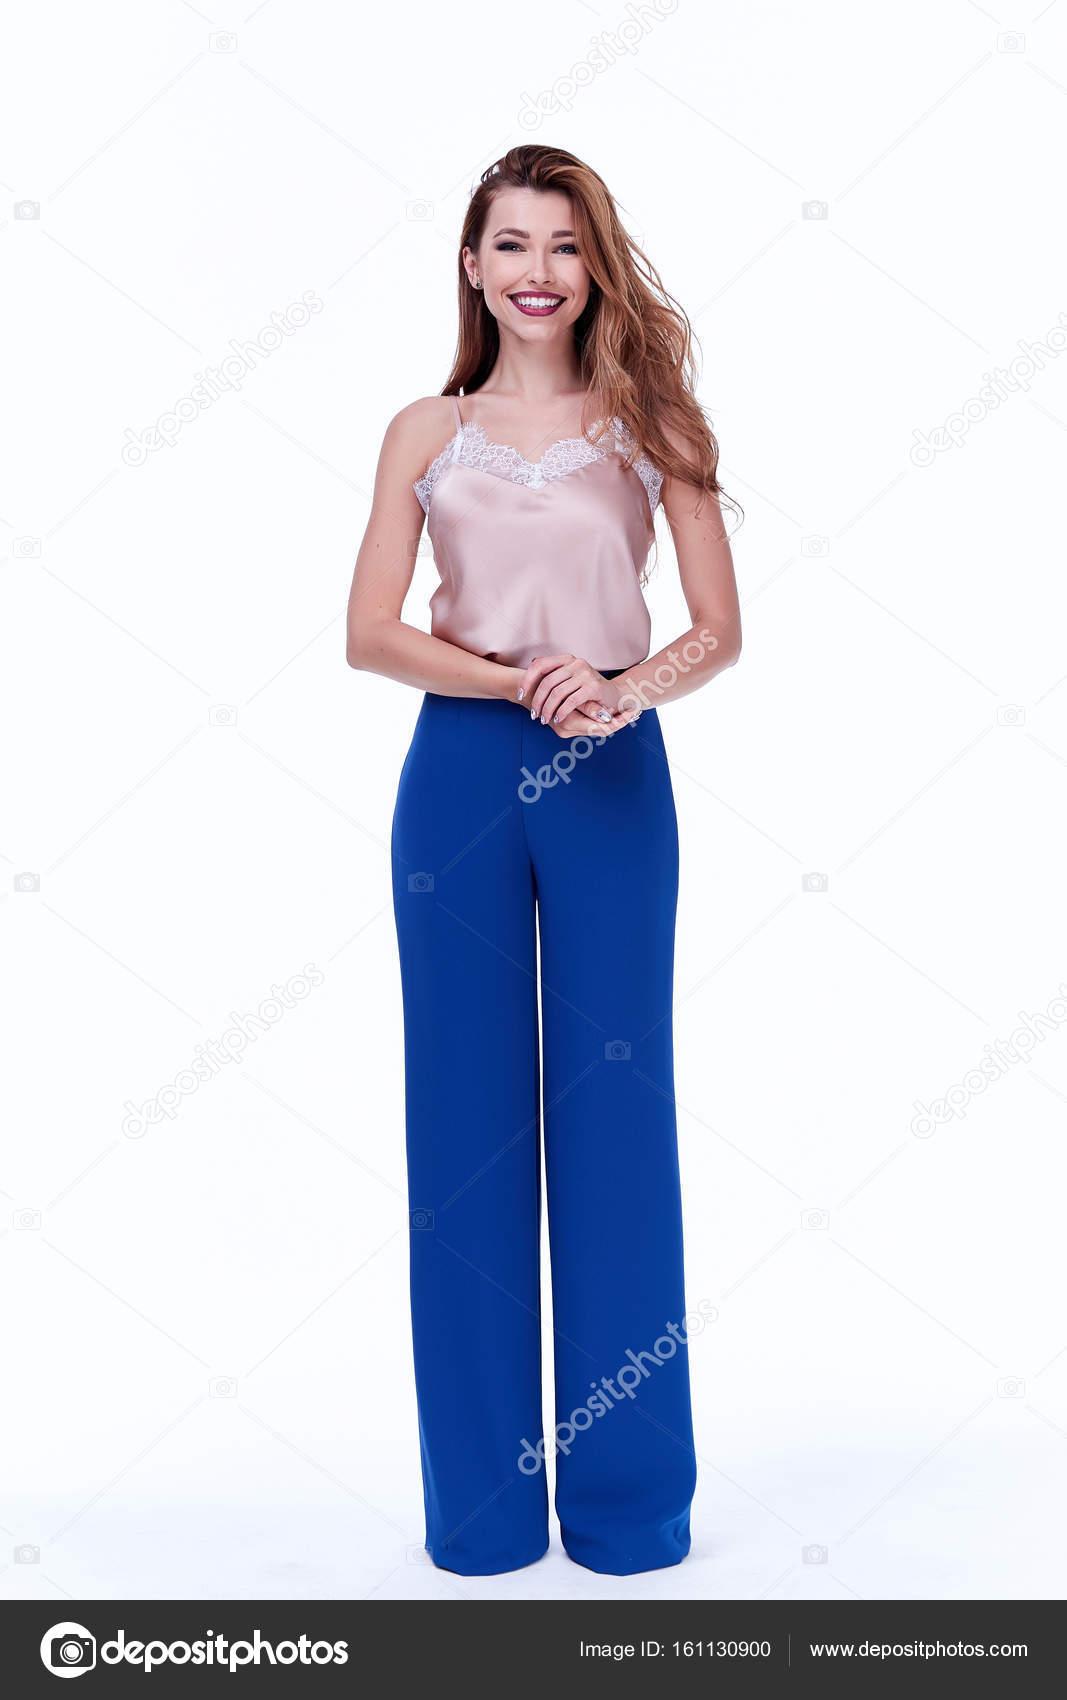 Belleza mujer modelo desgaste diseño elegante tendencia ropa seda azul  pantalones estilo casual oficina formal para trabajo 0f4e0f3b30b8